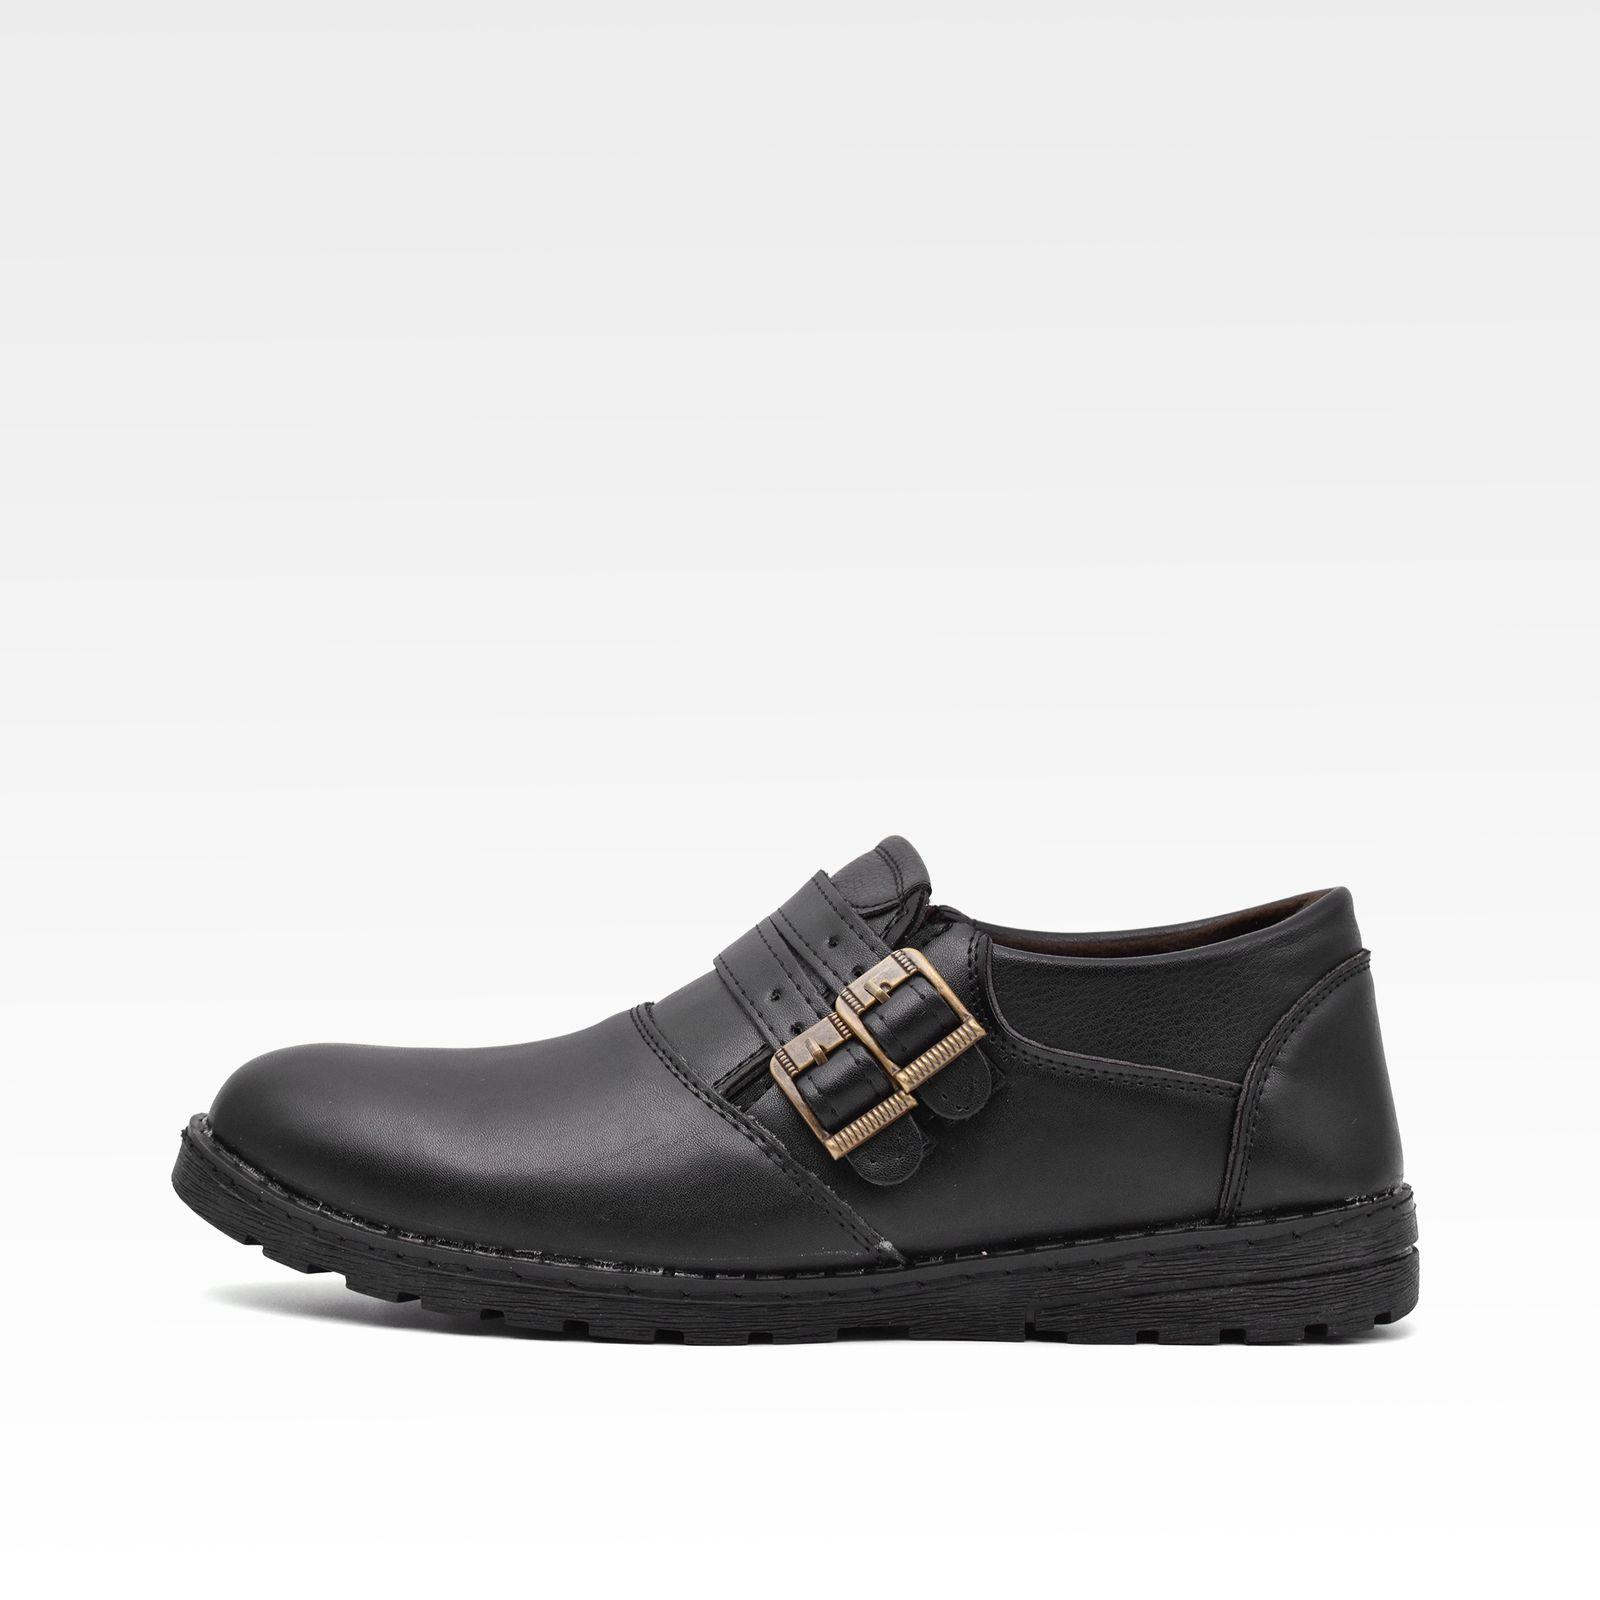 کفش روزمره مردانه مدل سگار کد JA6091 -  - 2